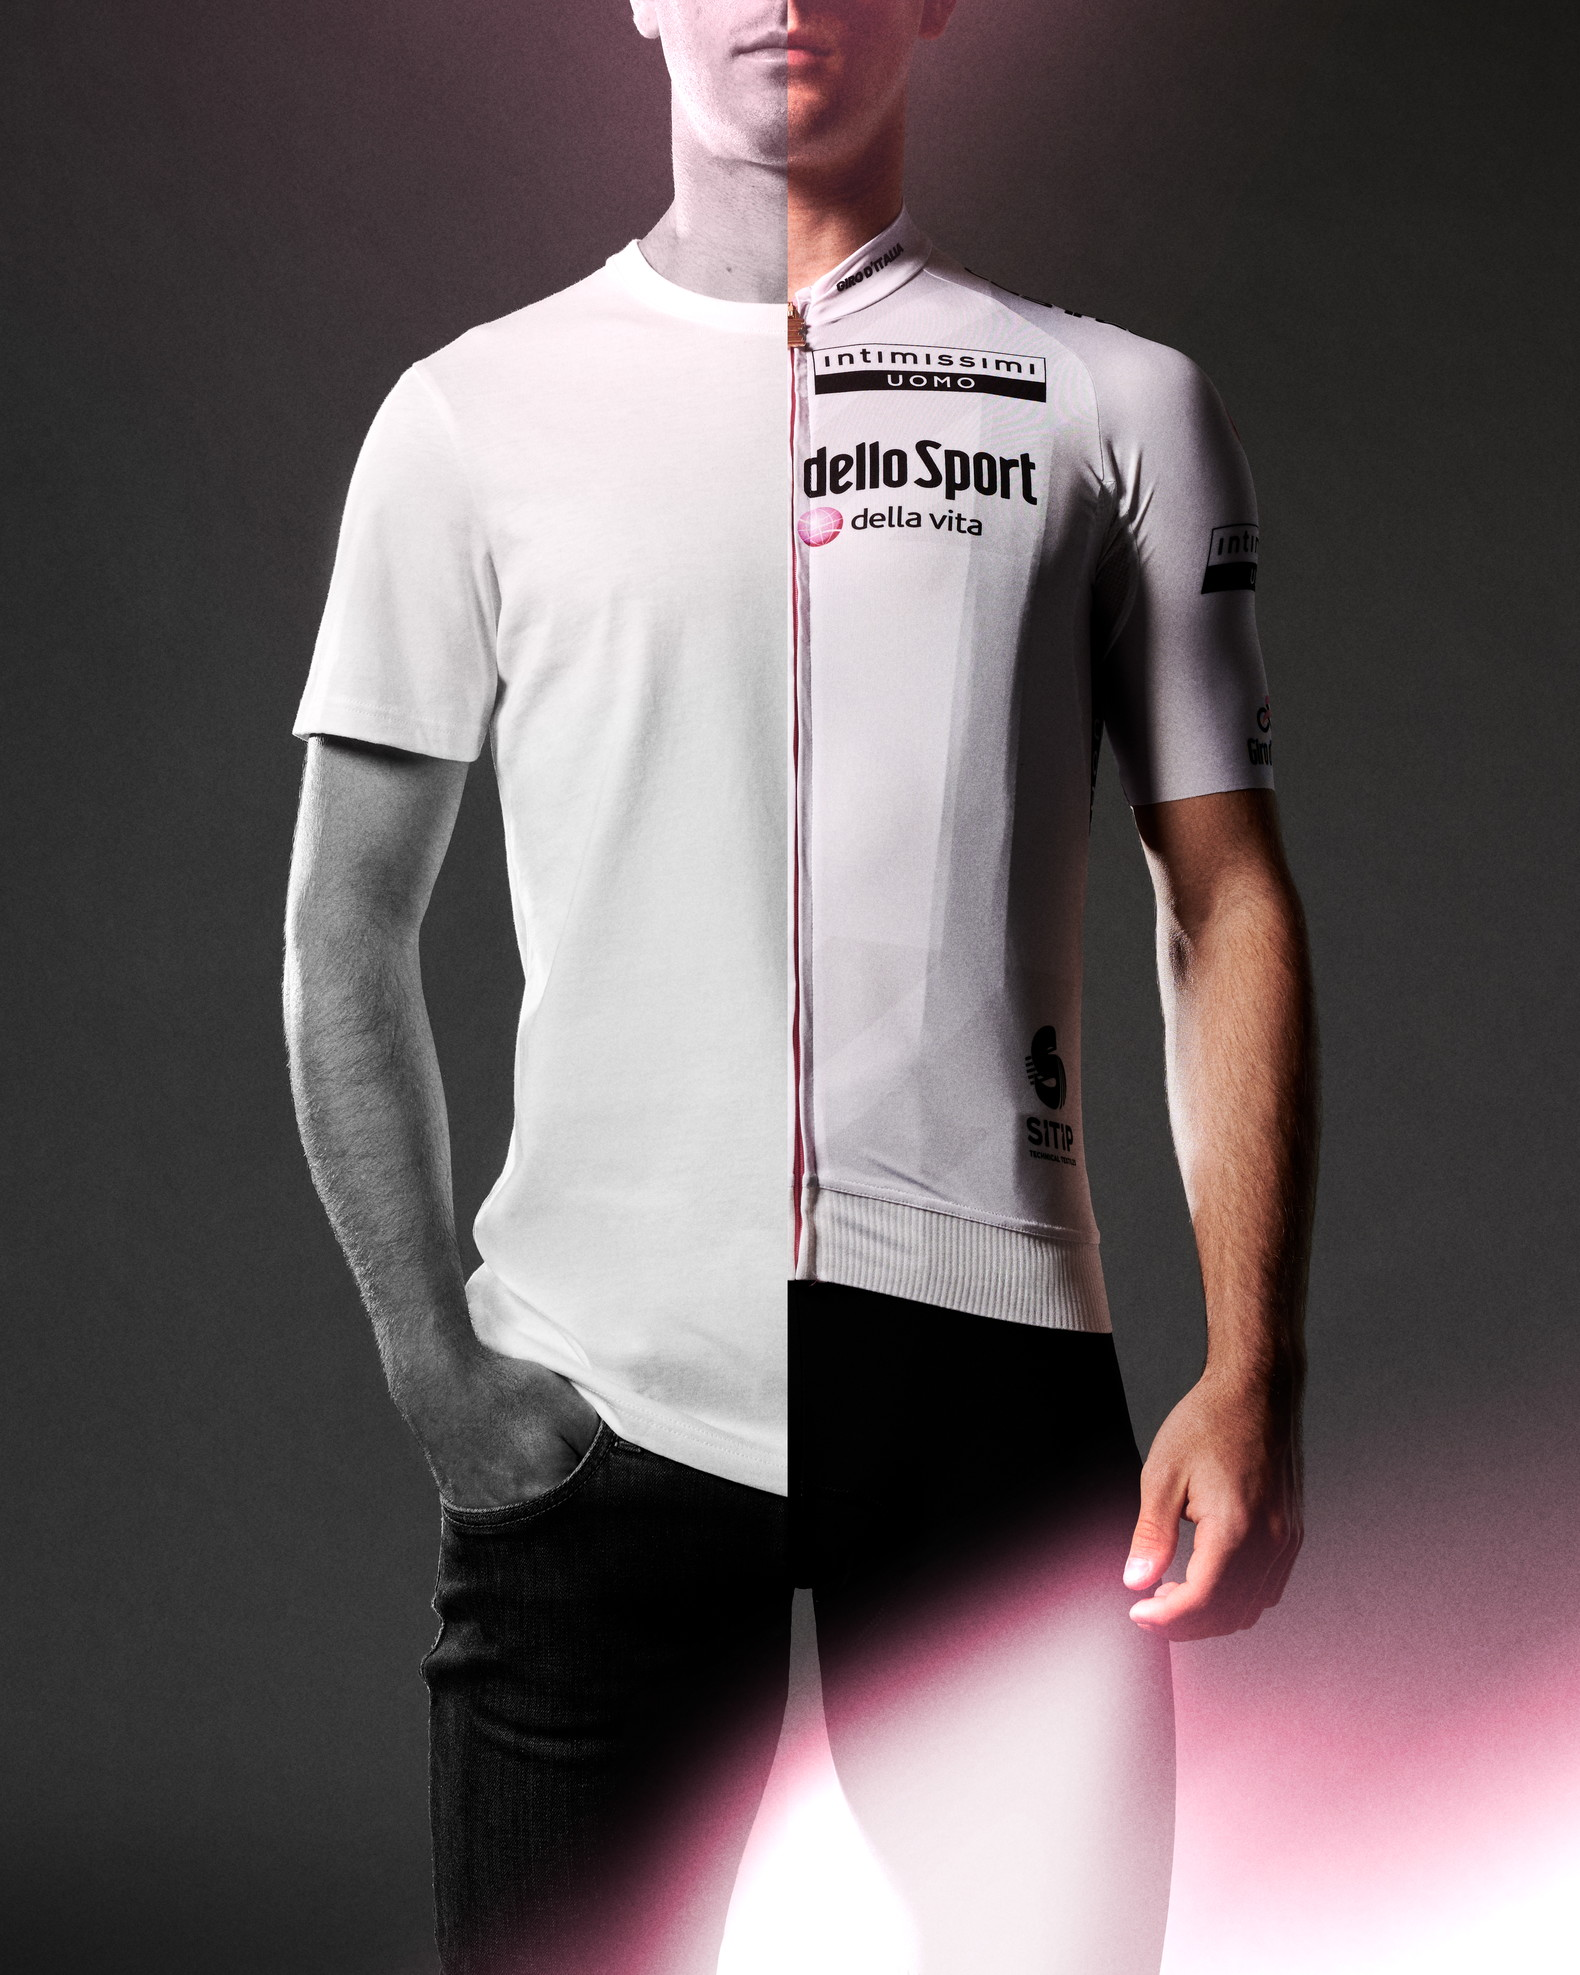 È la maglia destinata al miglior giovane, di un bianco che racchiude in sé tutti i colori, tutte le speranze, tutte le possibilità.